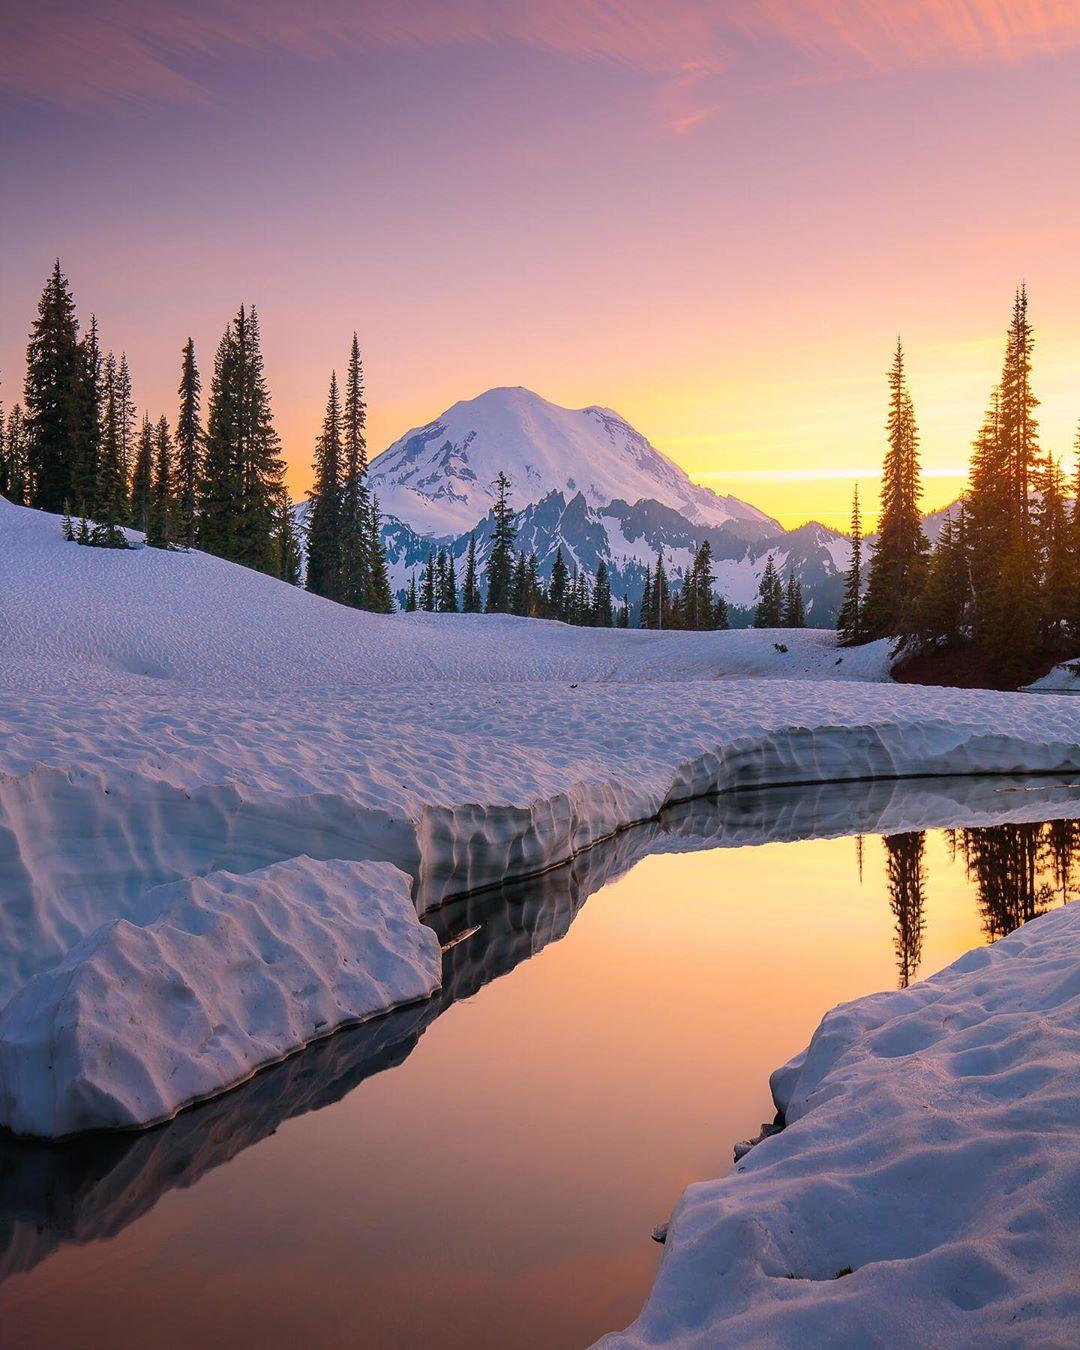 Красоты природы на снимках Бена Марара